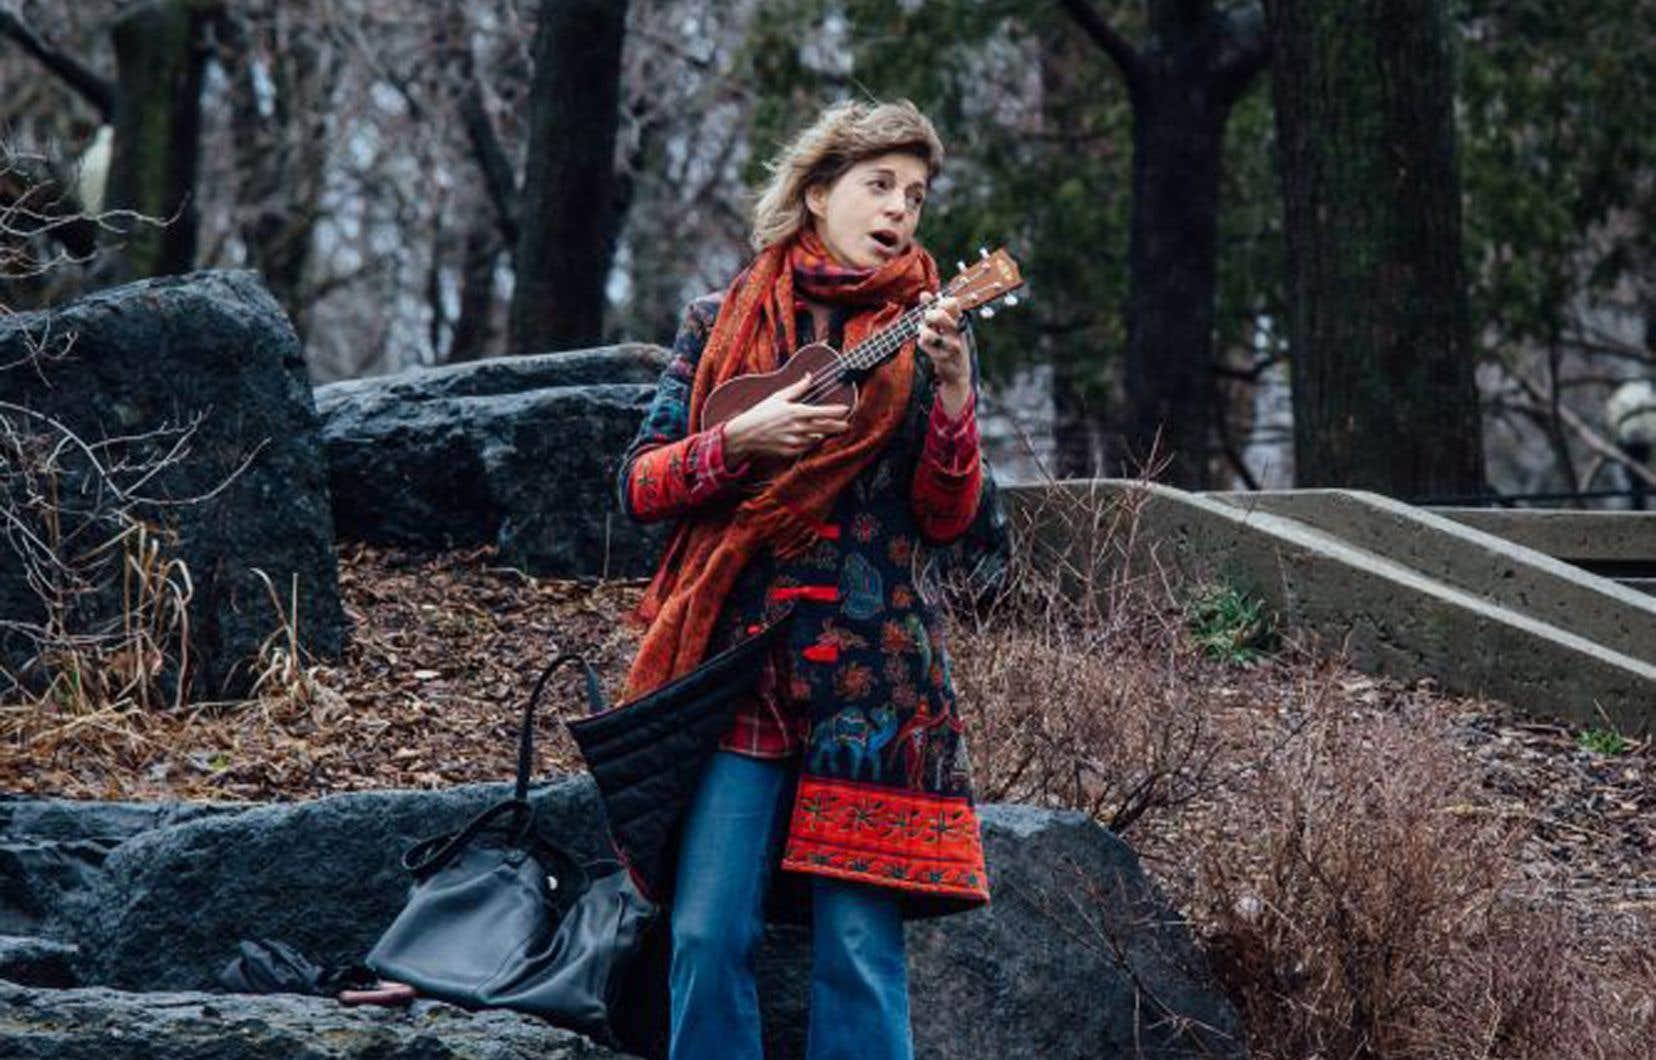 Marie-Annick Beliveau, musicienne, au parc La Fontaine. L'organisme SAMS a tourné de courtes capsules vidéo de petits spectacles improvisés, accessibles en ligne gratuitement.